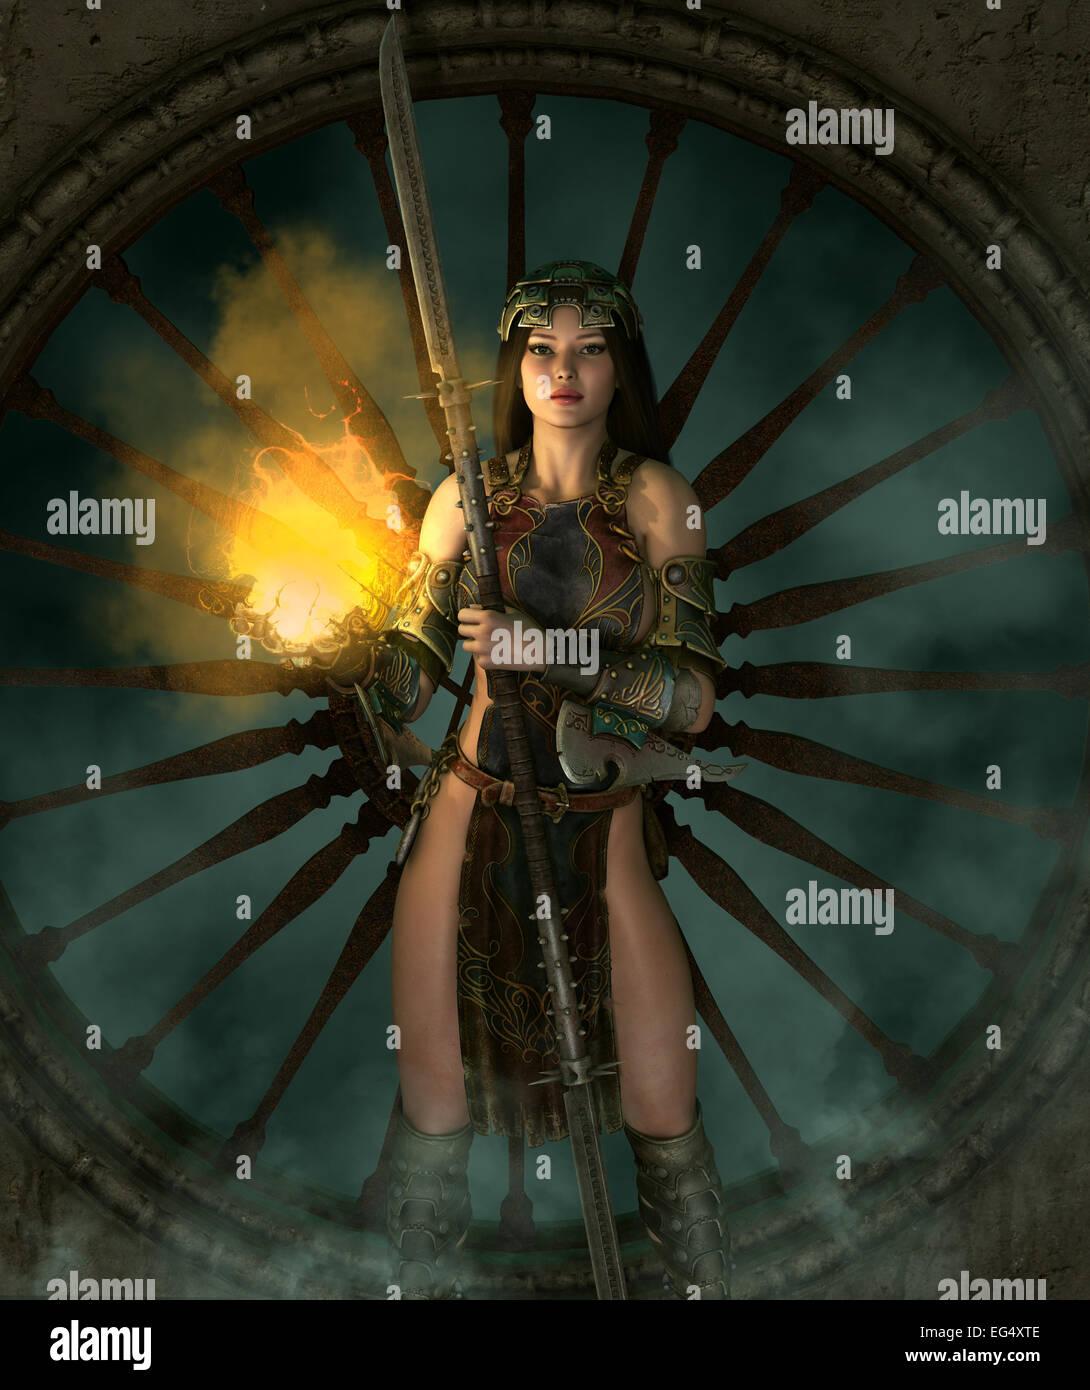 L'infographie 3d d'une jeune femme avec un costume de fantaisie et d'une arme Photo Stock